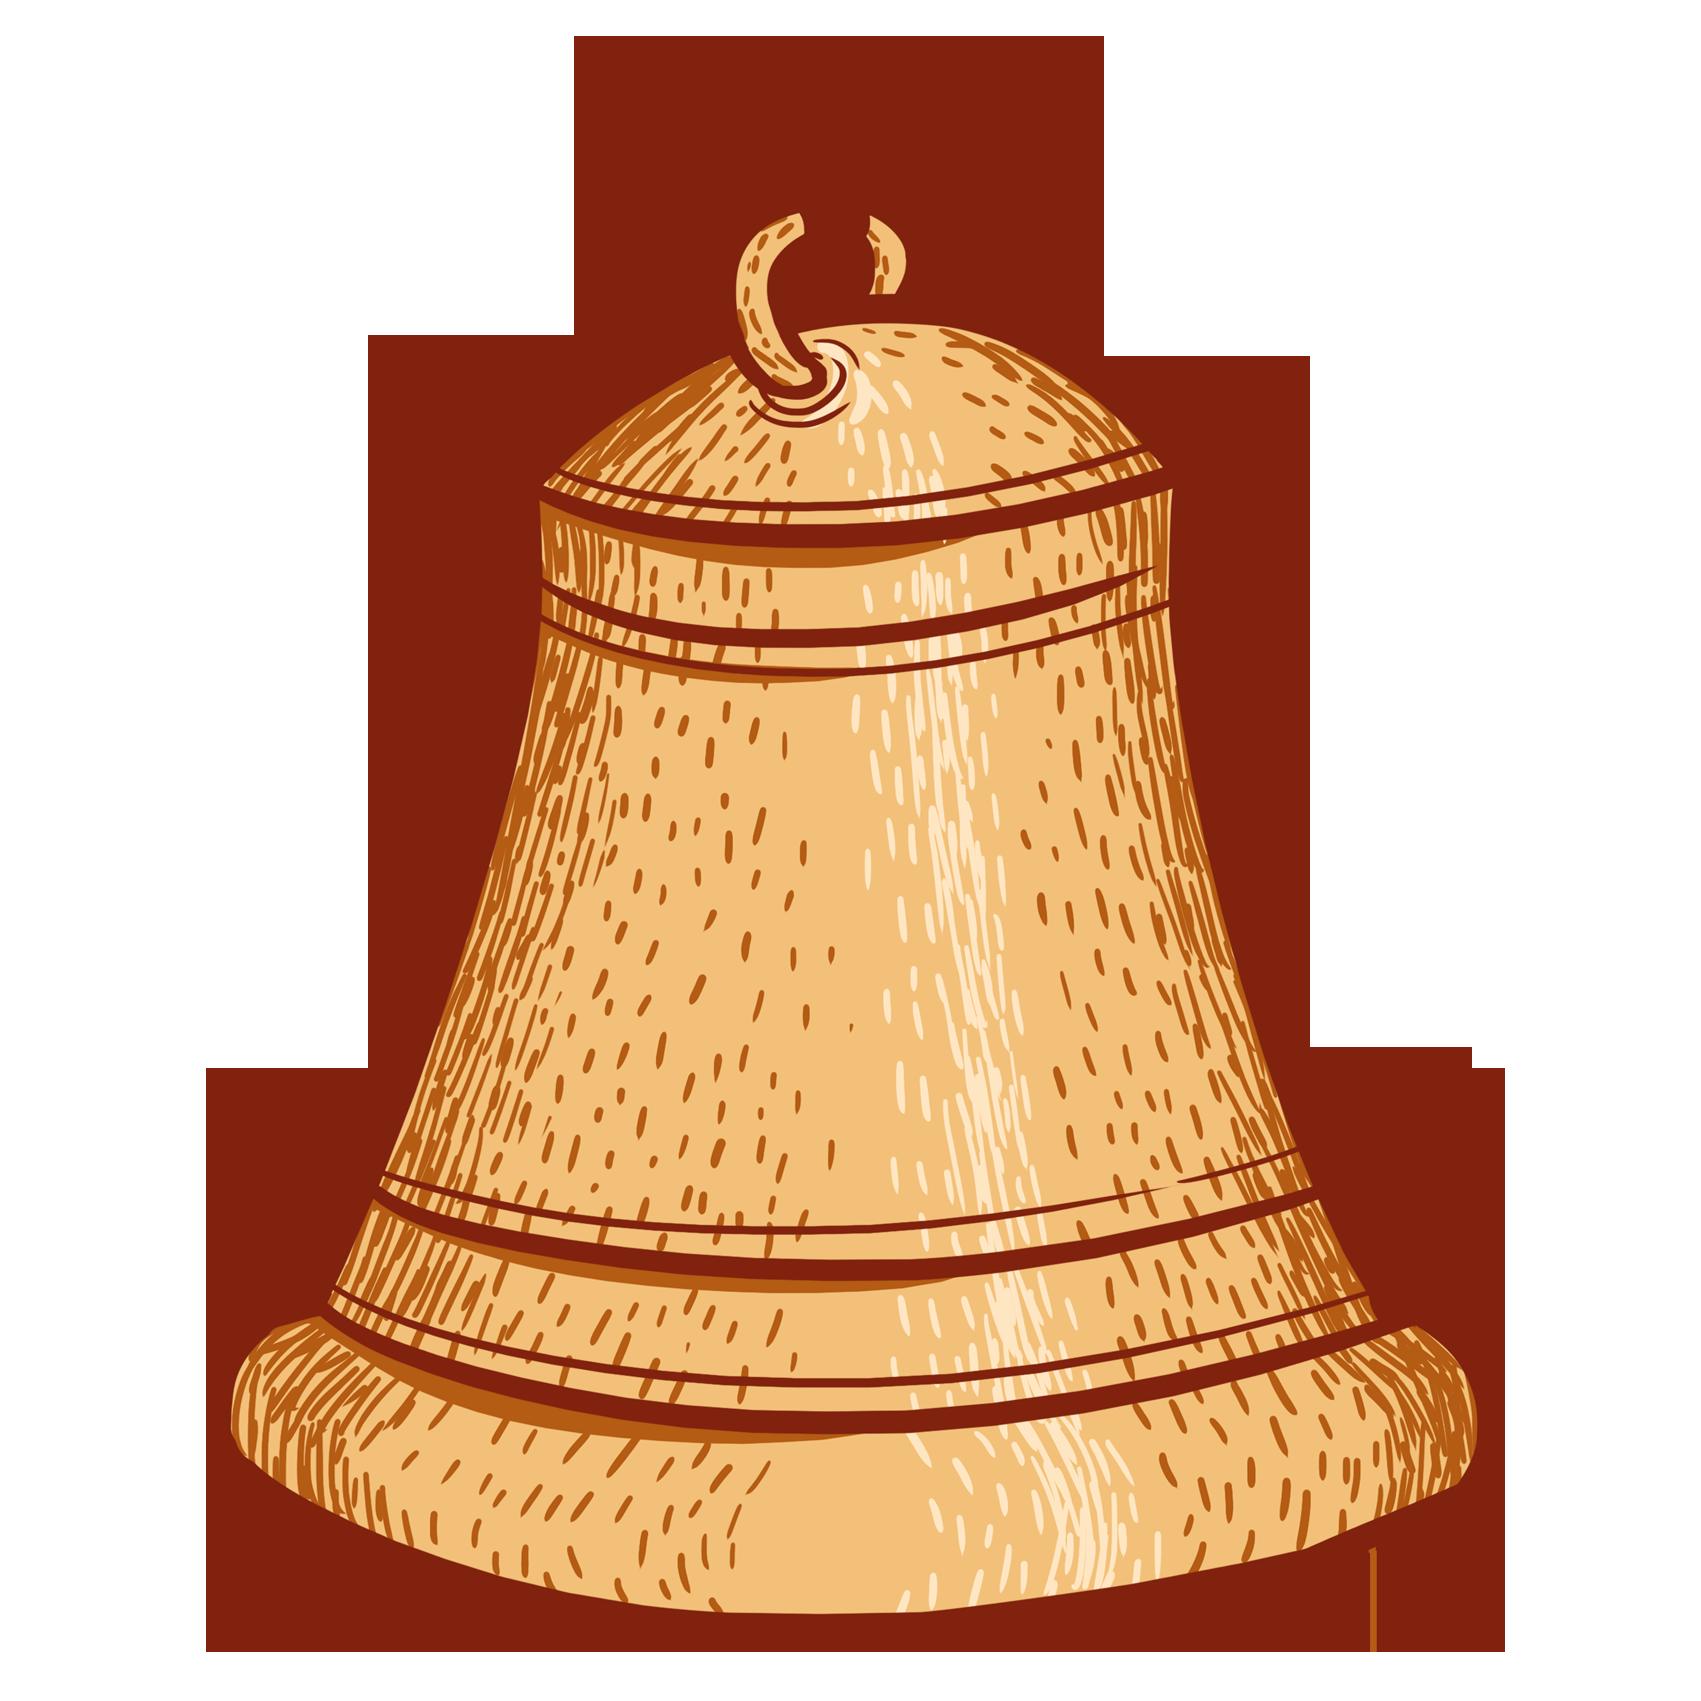 La cloche Cornille Havard